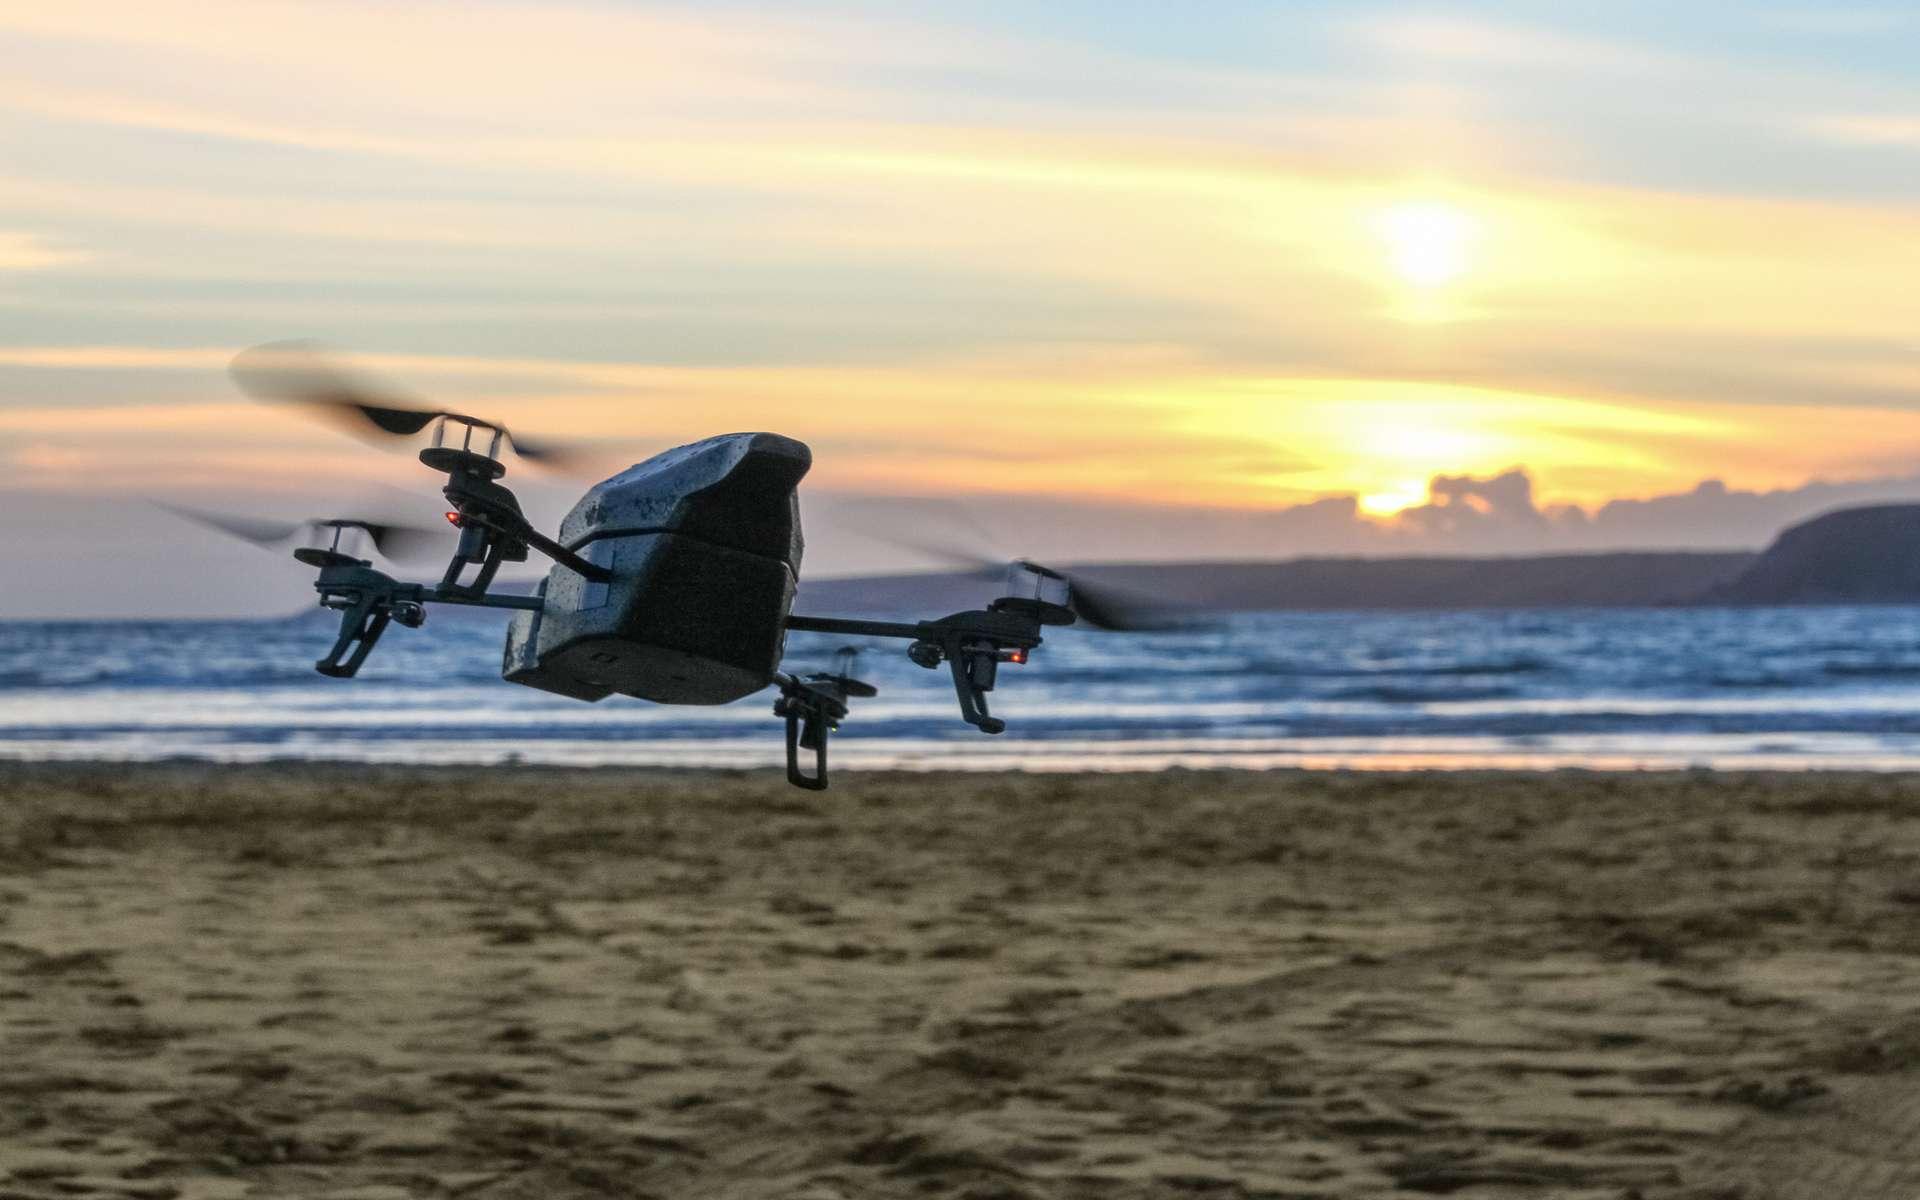 Légalement, un drone doit voler à moins de 150 mètres de hauteur et rester en dehors des zones urbaines. © Lee, Flickr, cc by-nc-nd 2.0